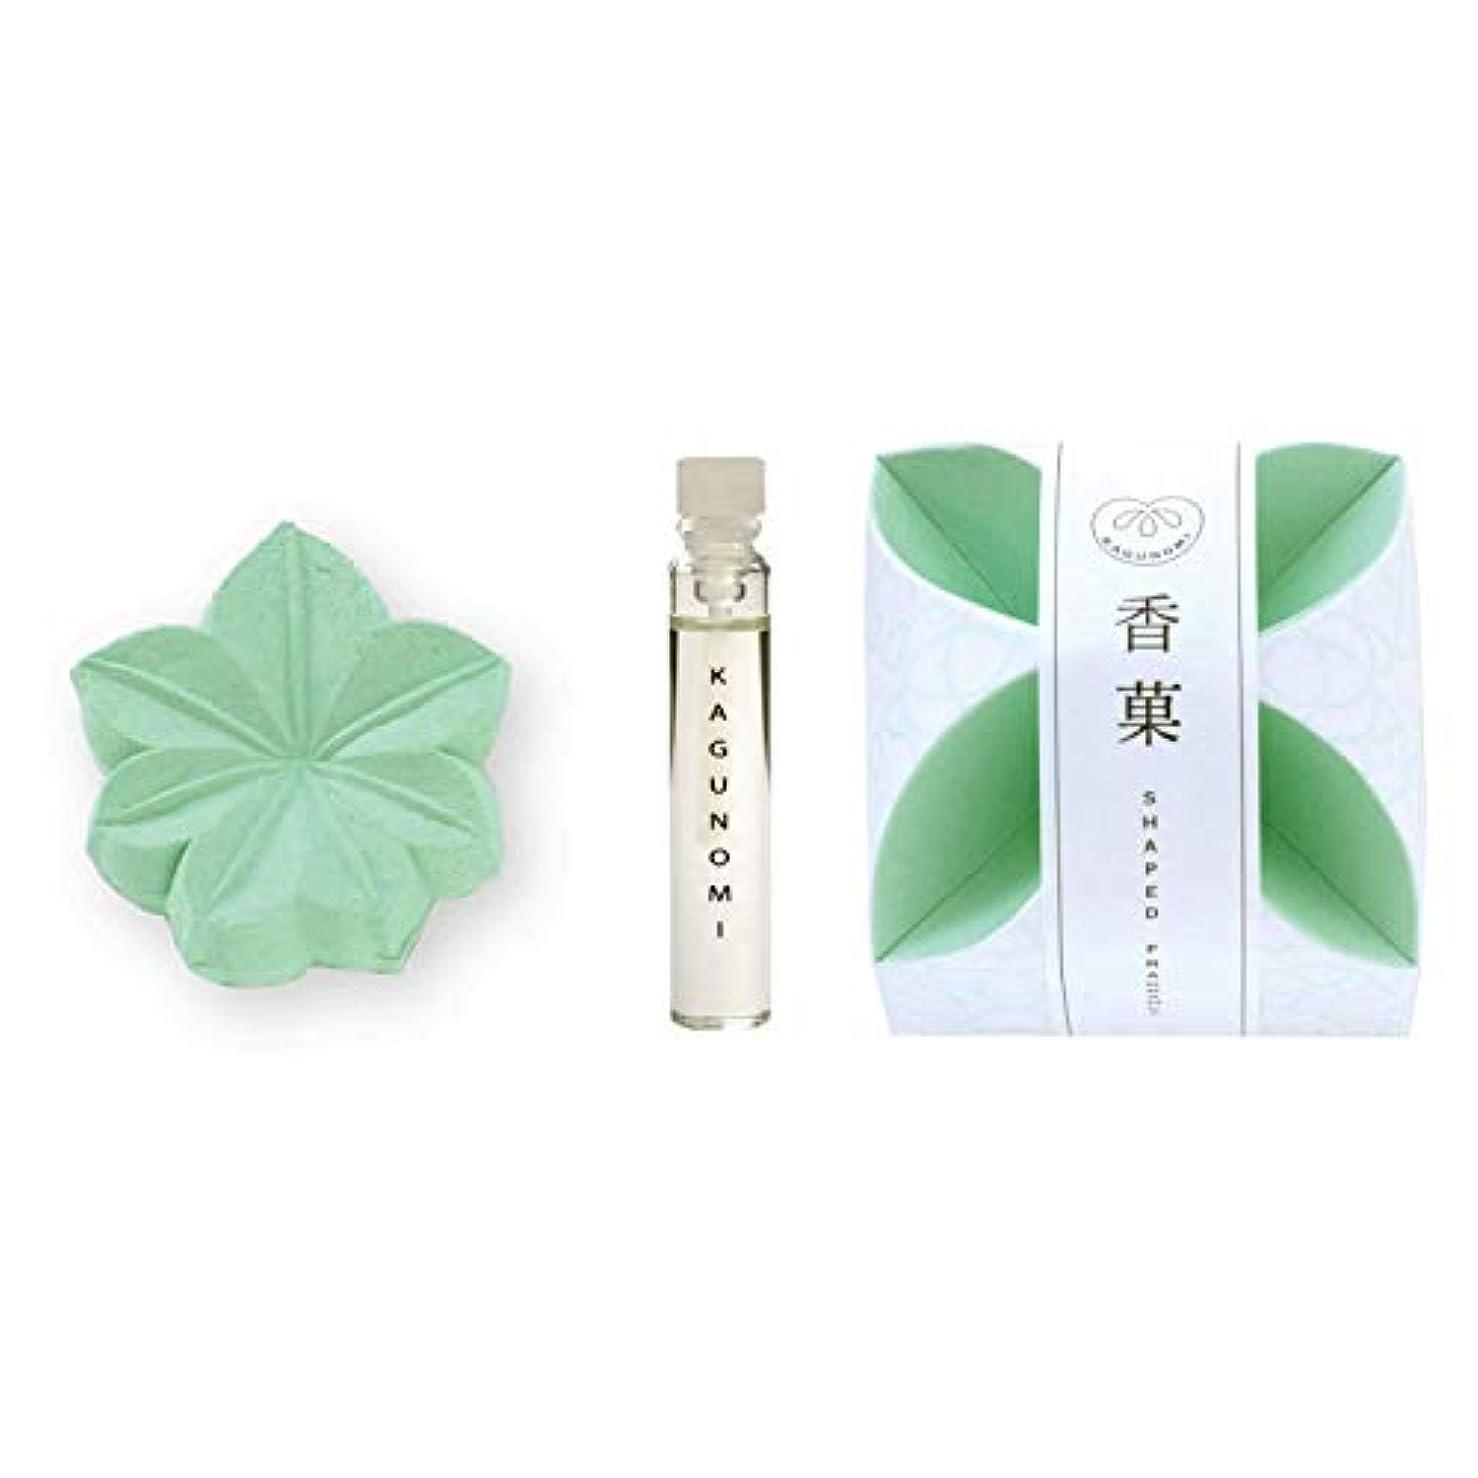 鑑定通訳残り物香菓 もみじ形(緑色)1入 オイル付